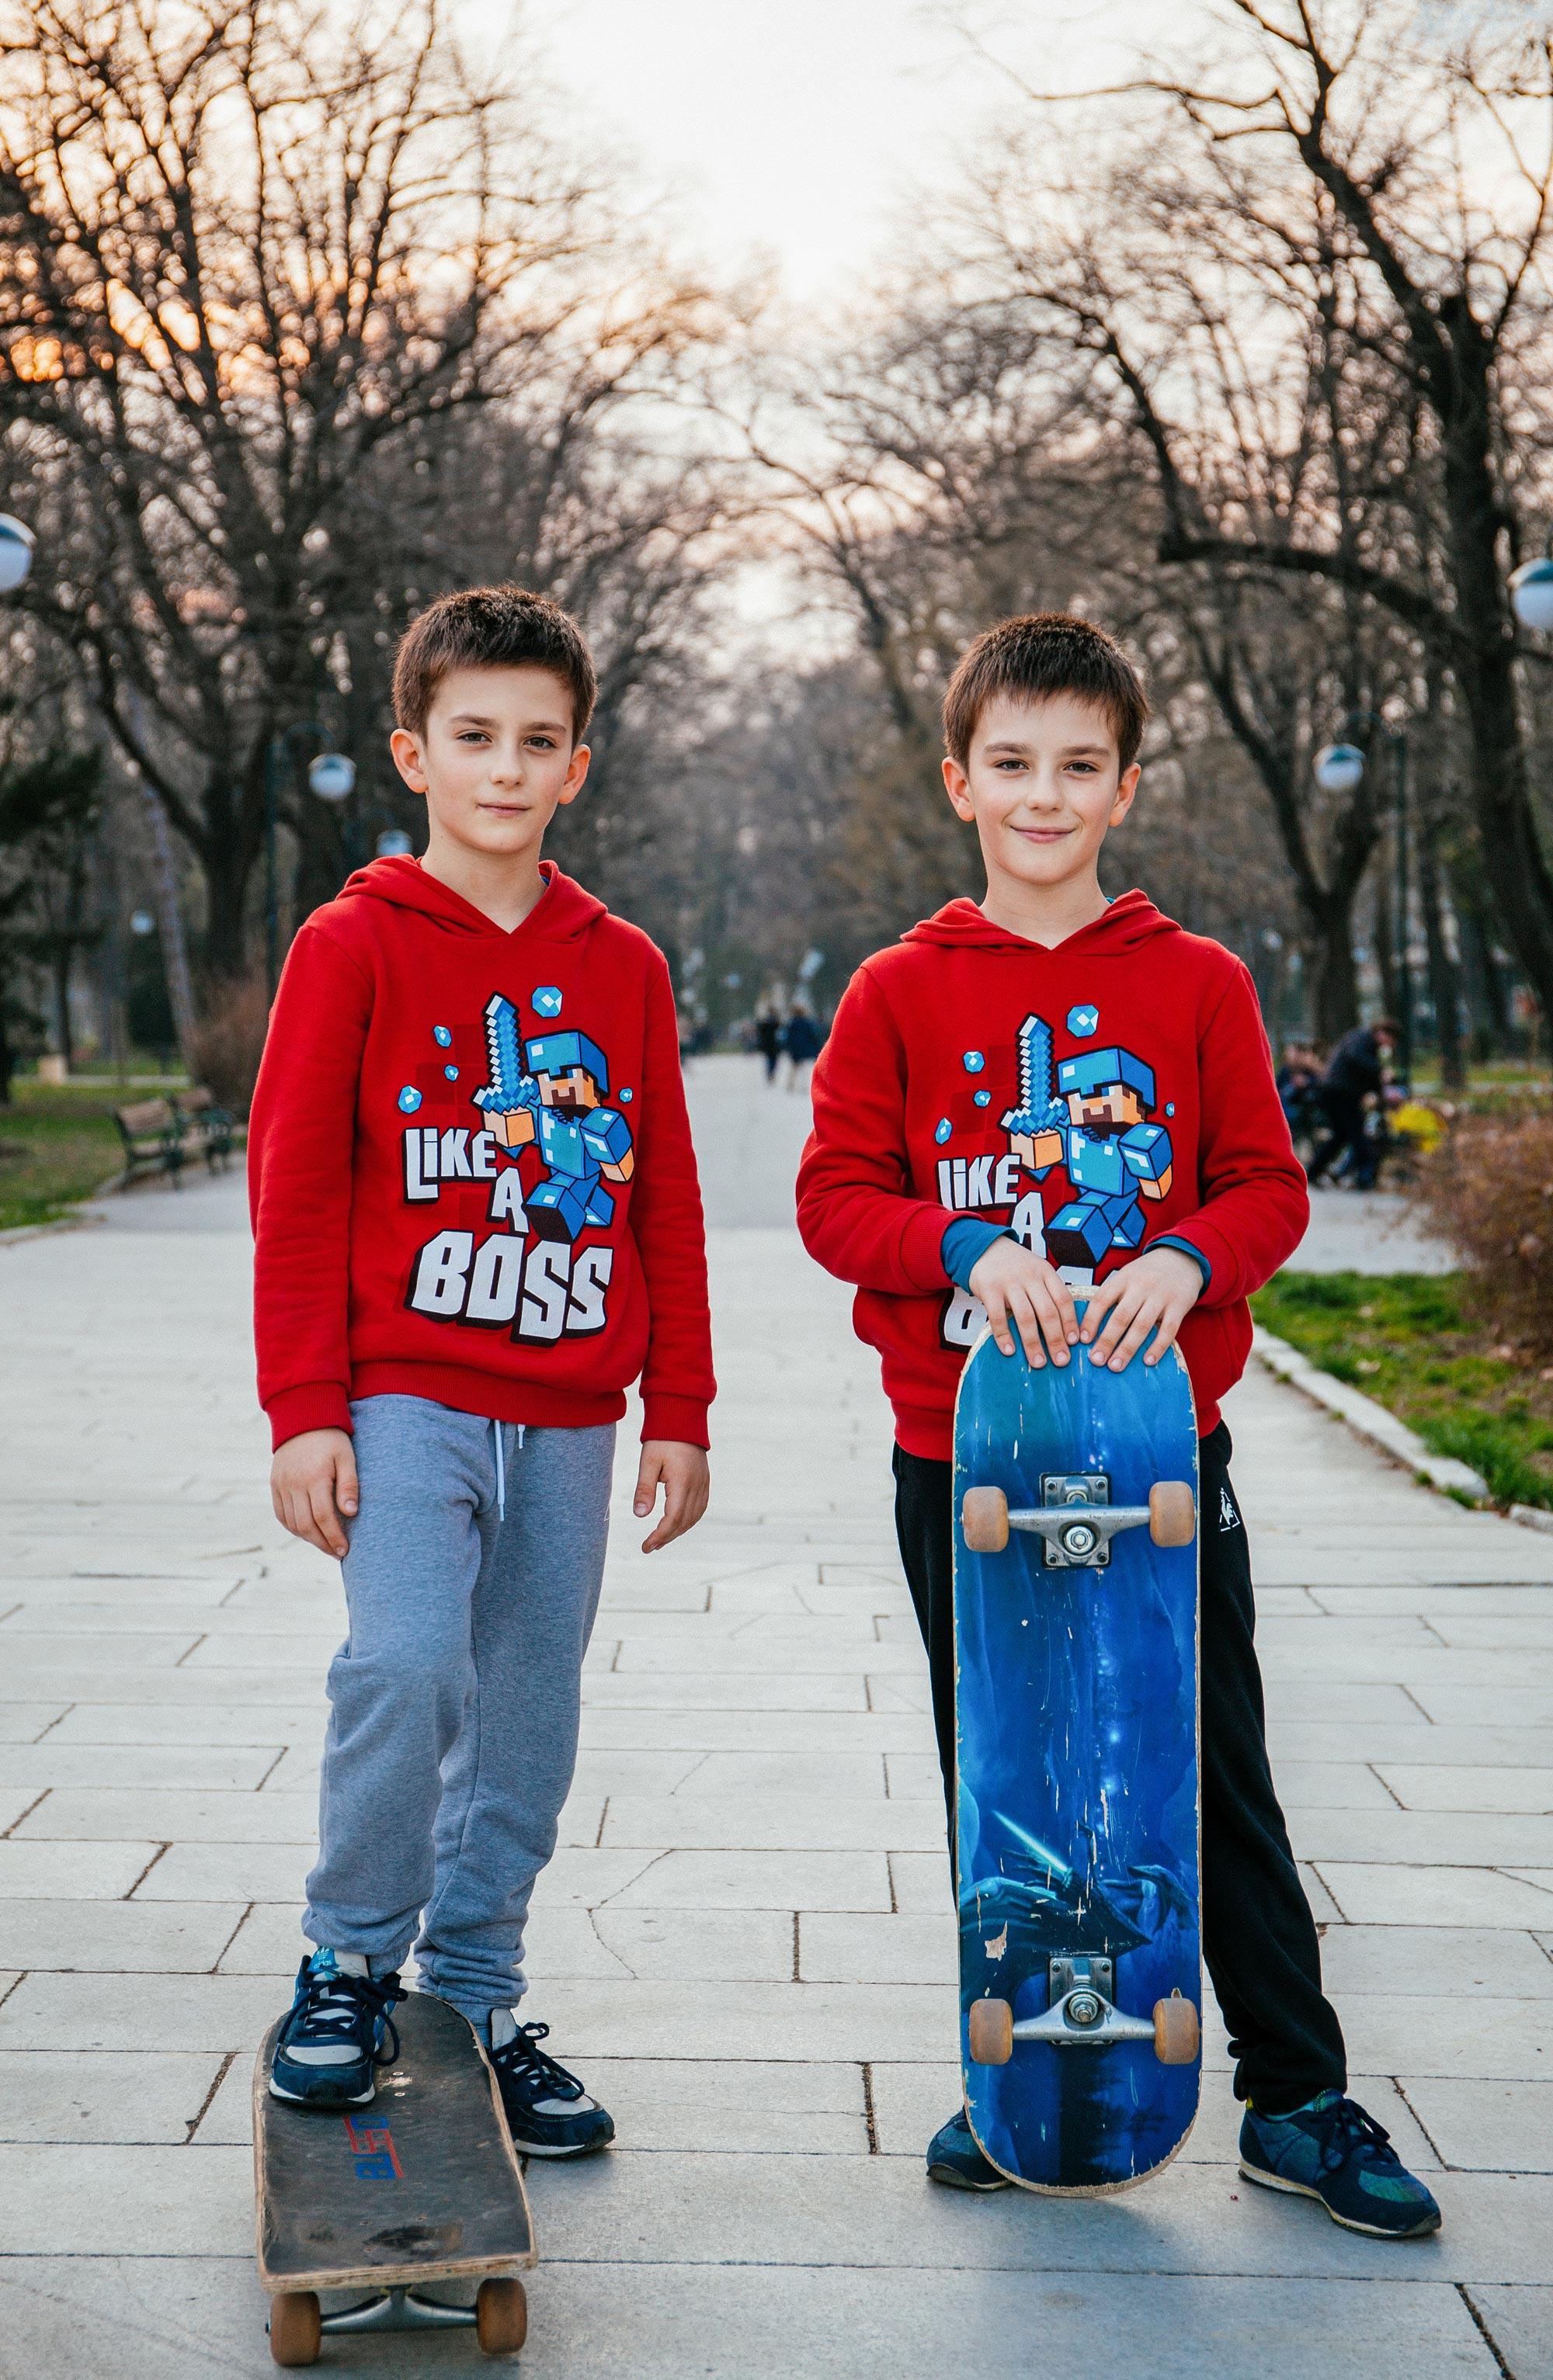 100-bliznaci-bratq-skeituri-plovdiv